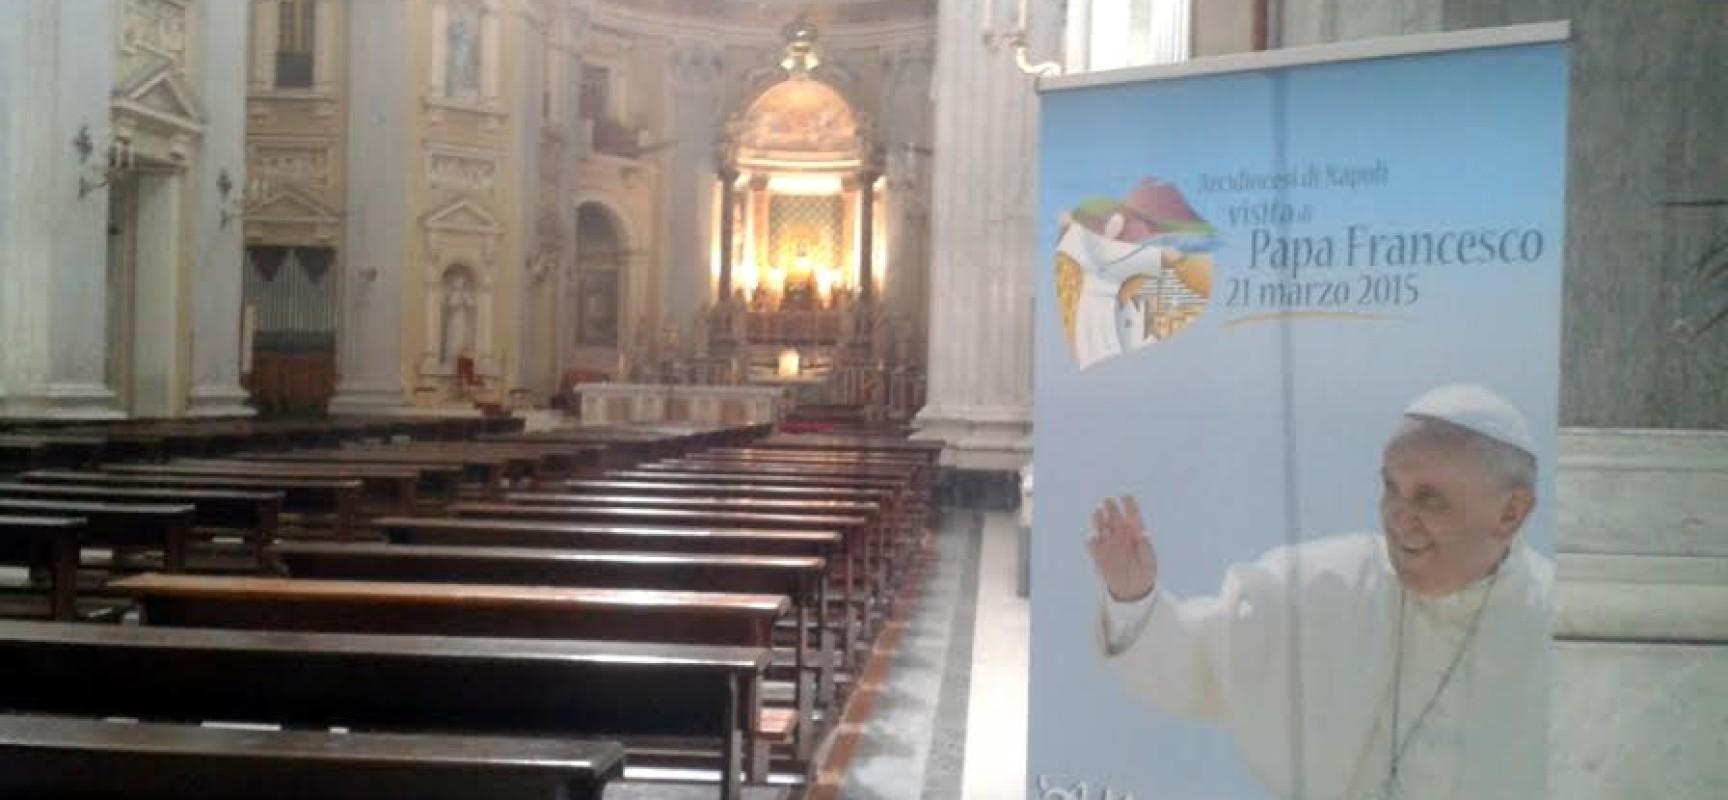 Papa Francesco, pranzo a Poggioreale